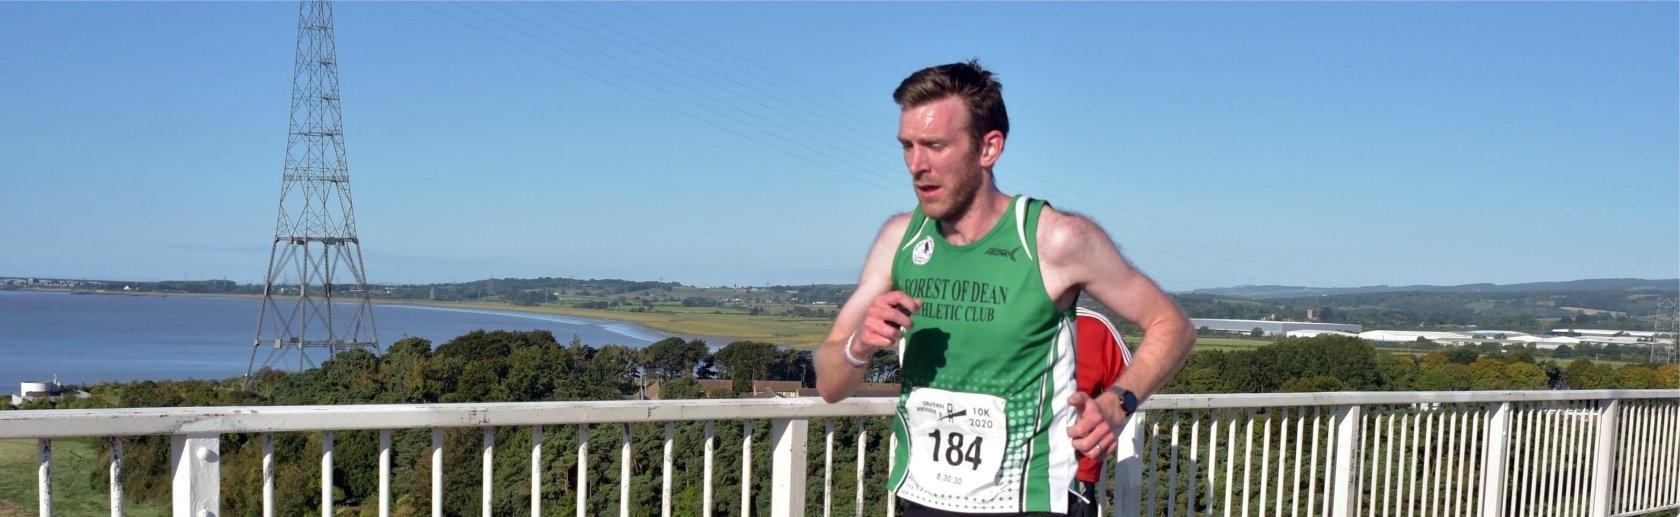 fod runner slider image 3